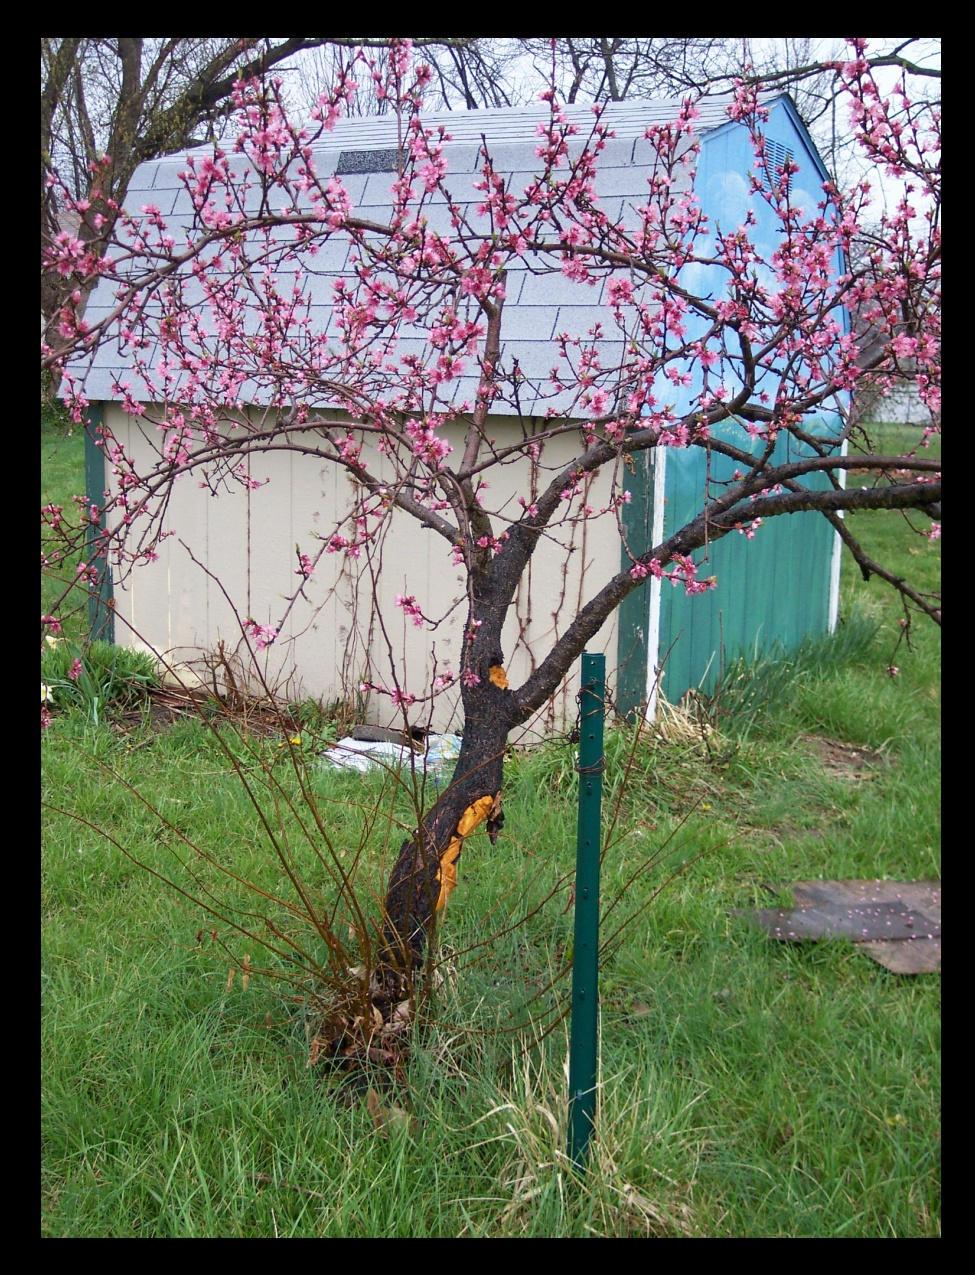 Peach Tree, No. 5 by myu2k2 on DeviantArt